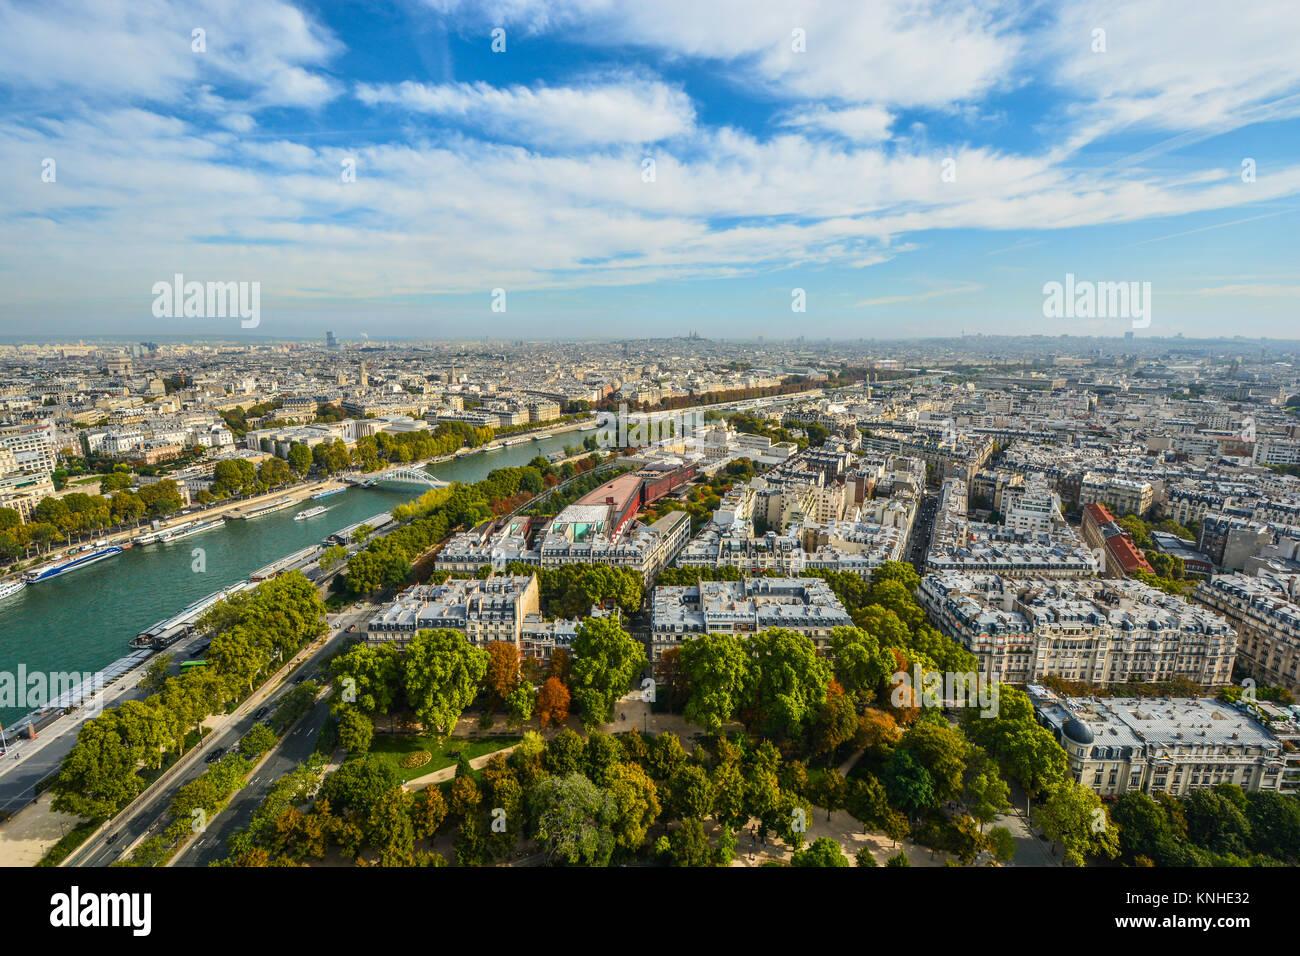 Una vista della città di Parigi, Francia compreso il Fiume Senna dalla piattaforma della torre Eiffel su un Immagini Stock